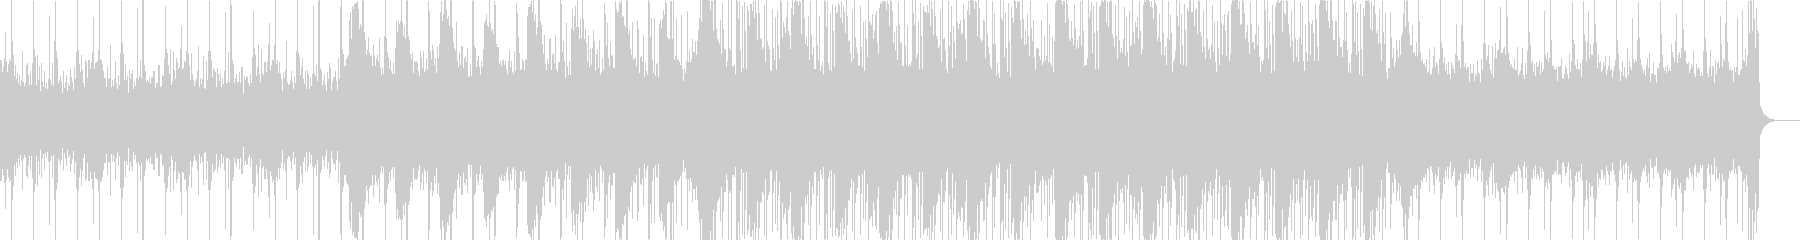 エレクトロニカなブレイクビーツの未再生の波形